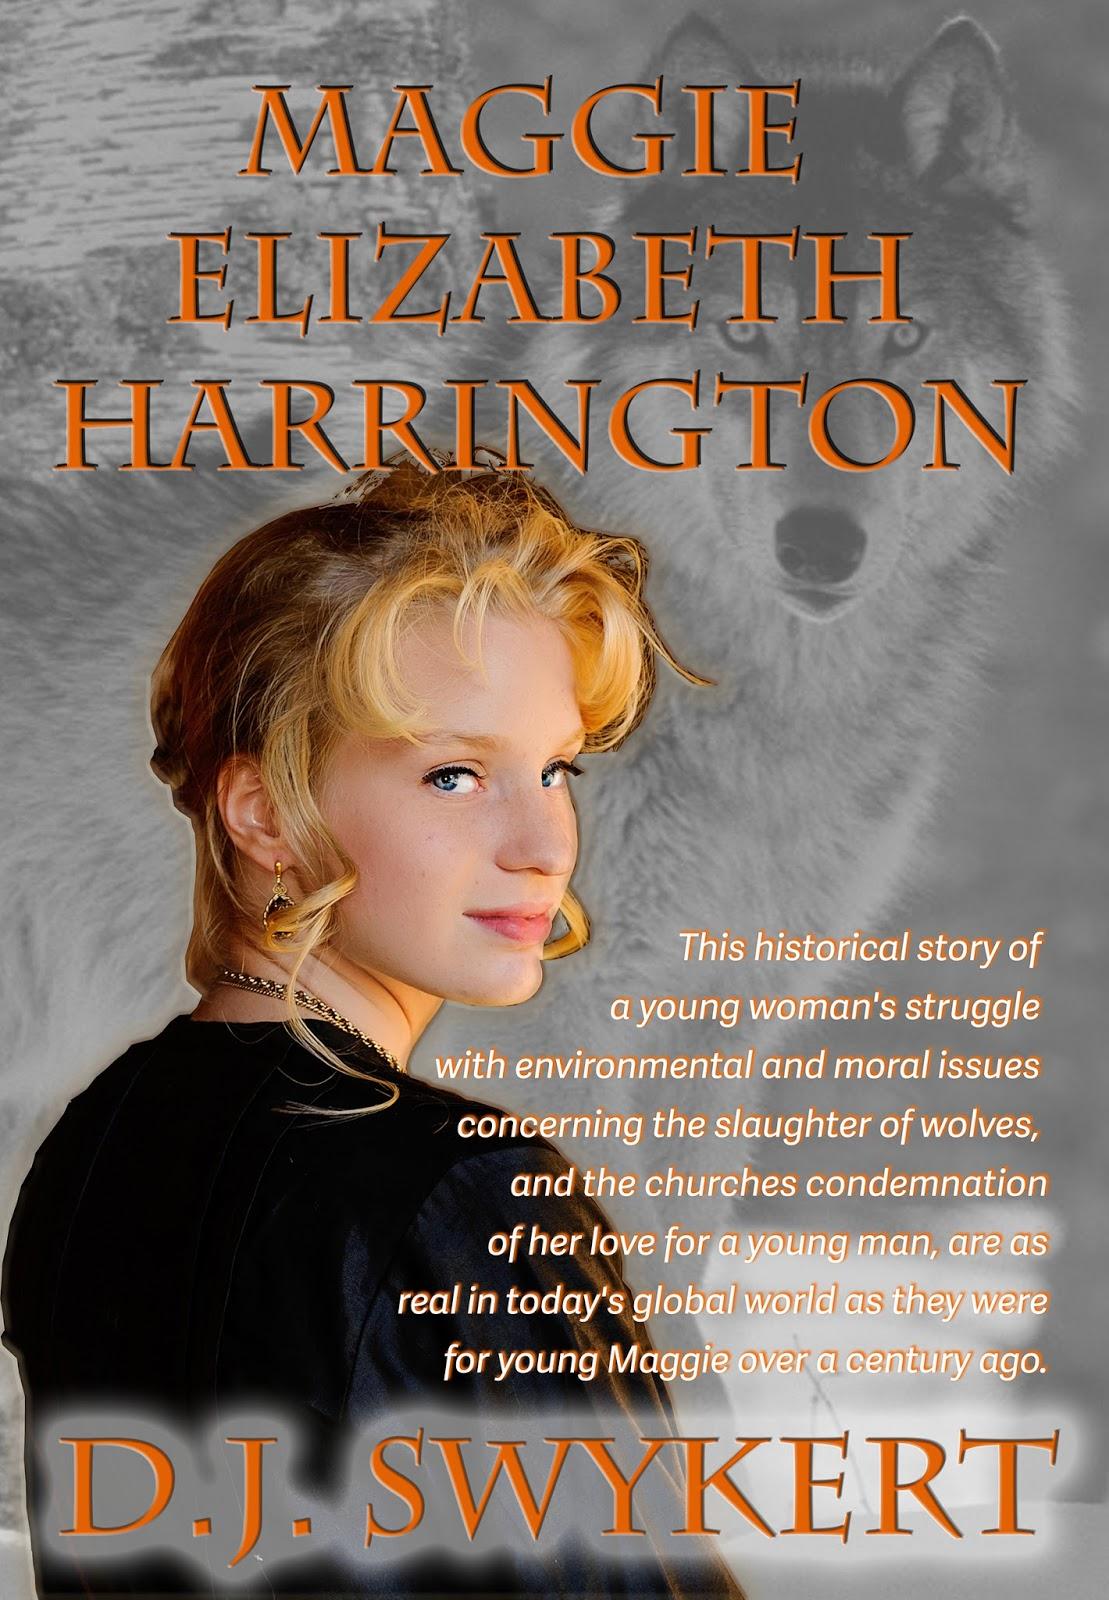 Book Review: Maggie Elizabeth Harrington By Dj Swykert